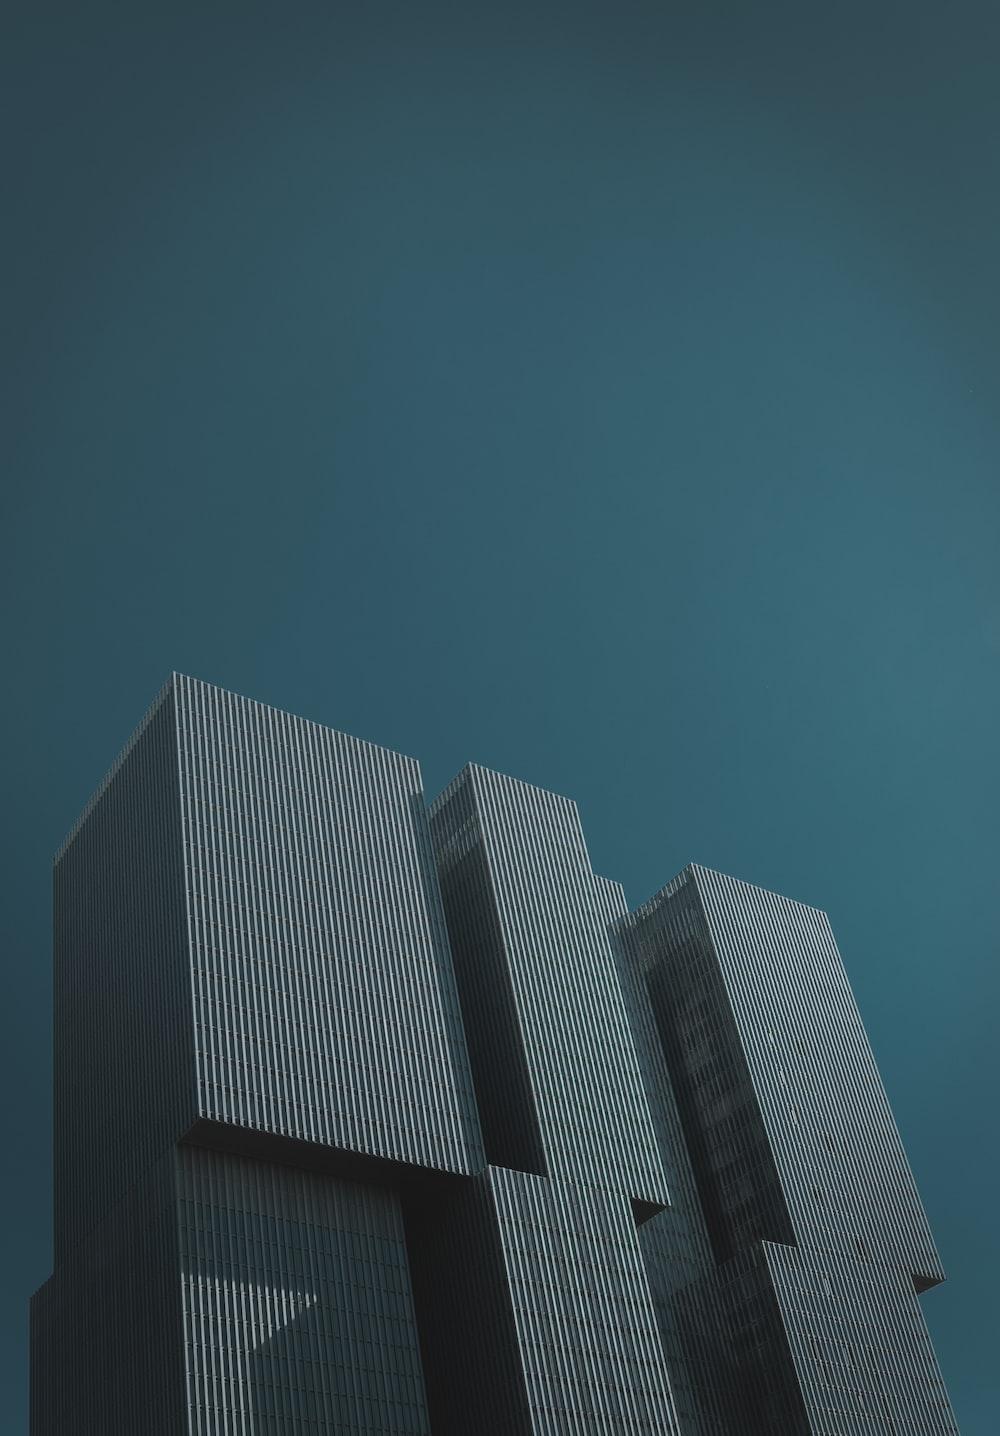 black concrete building under blue sky